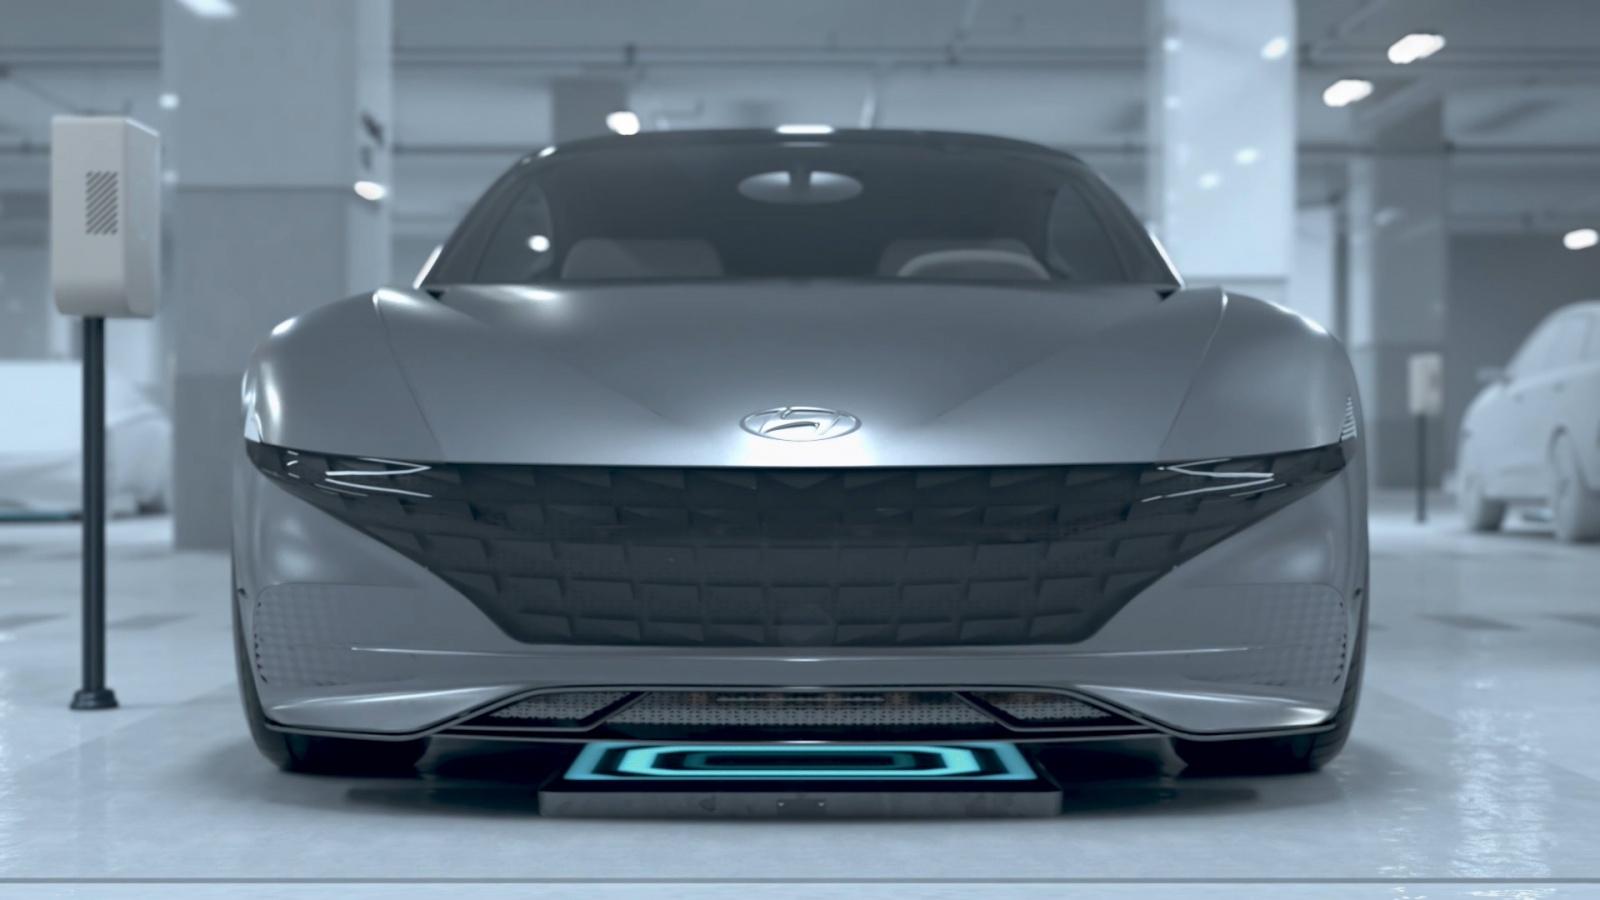 Hyundai motor group представила концепт беспроводной зарядки и автономной парковки - 1